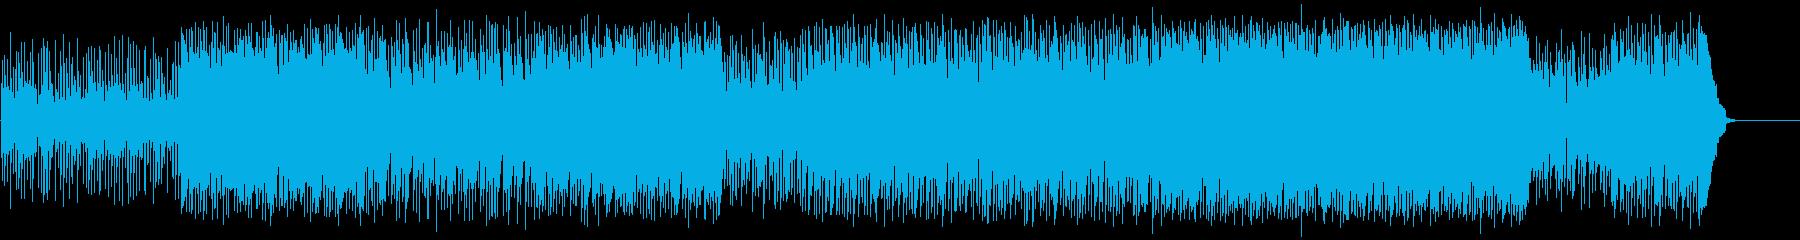 壮大なドキュメント向けワールド音楽の再生済みの波形